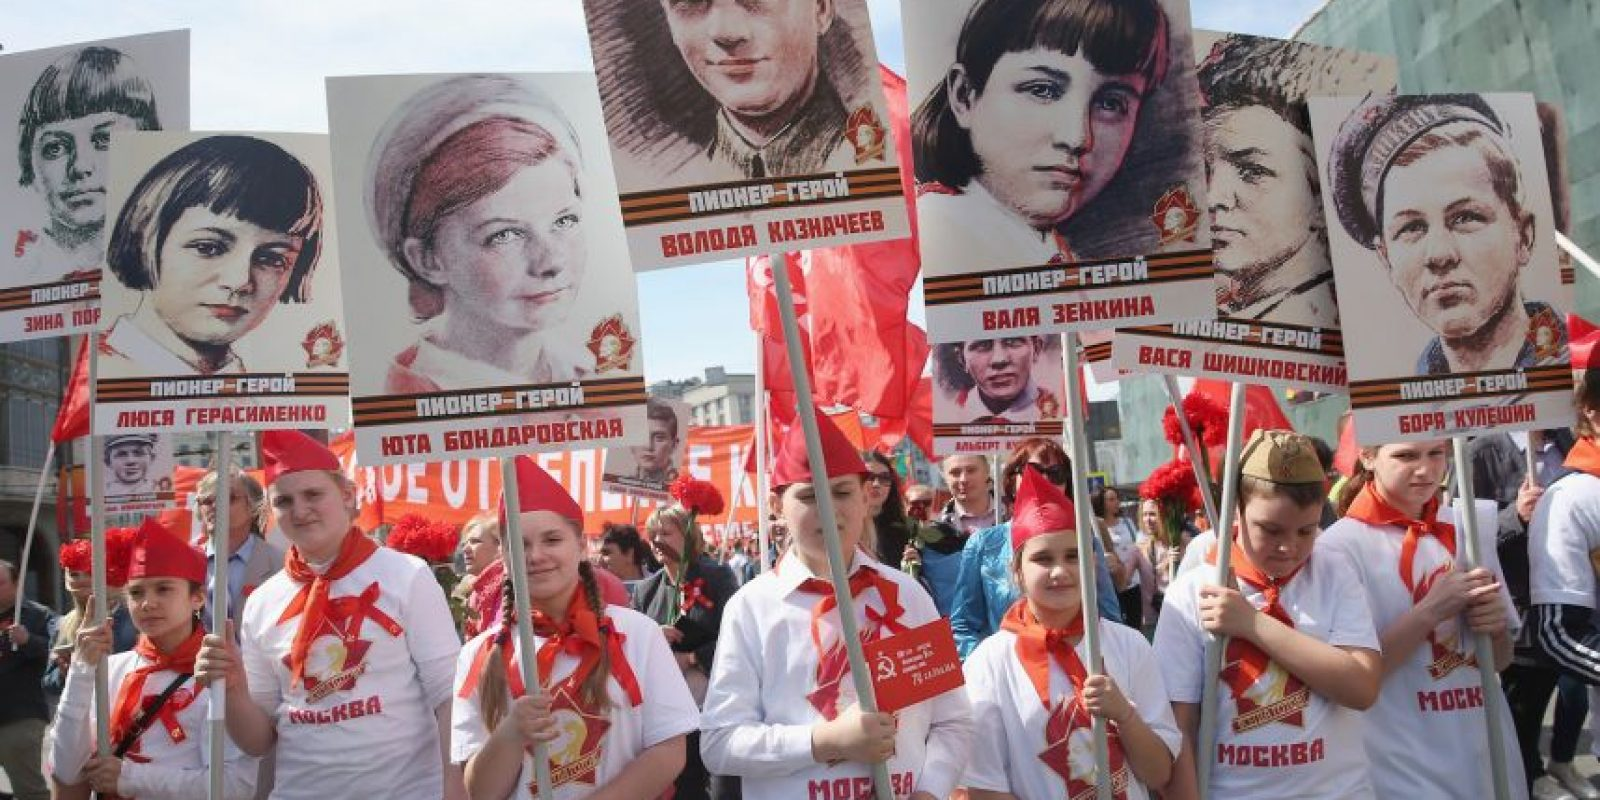 Al evento asistieron los presidentes de varios países, incluyendo Bulgaria, República Checa, Estonia, Lituania, Rumania y Ucrania. Foto:Getty Images